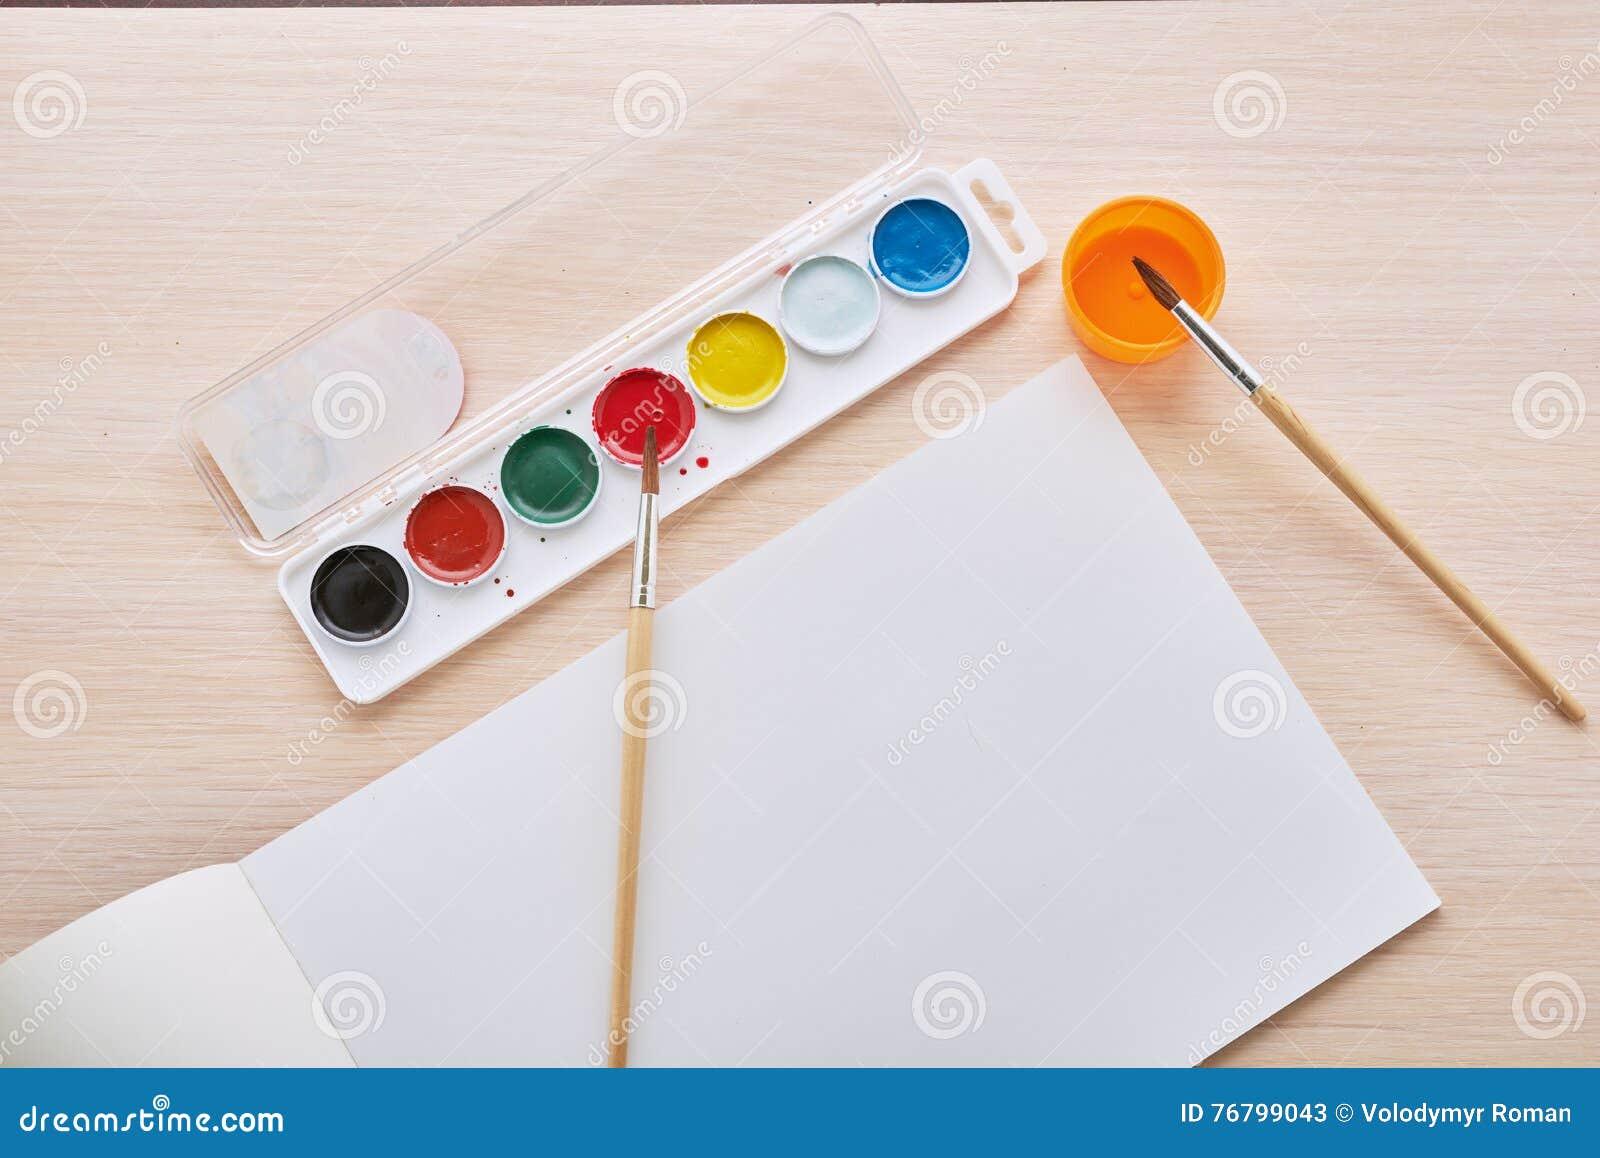 Album and paints